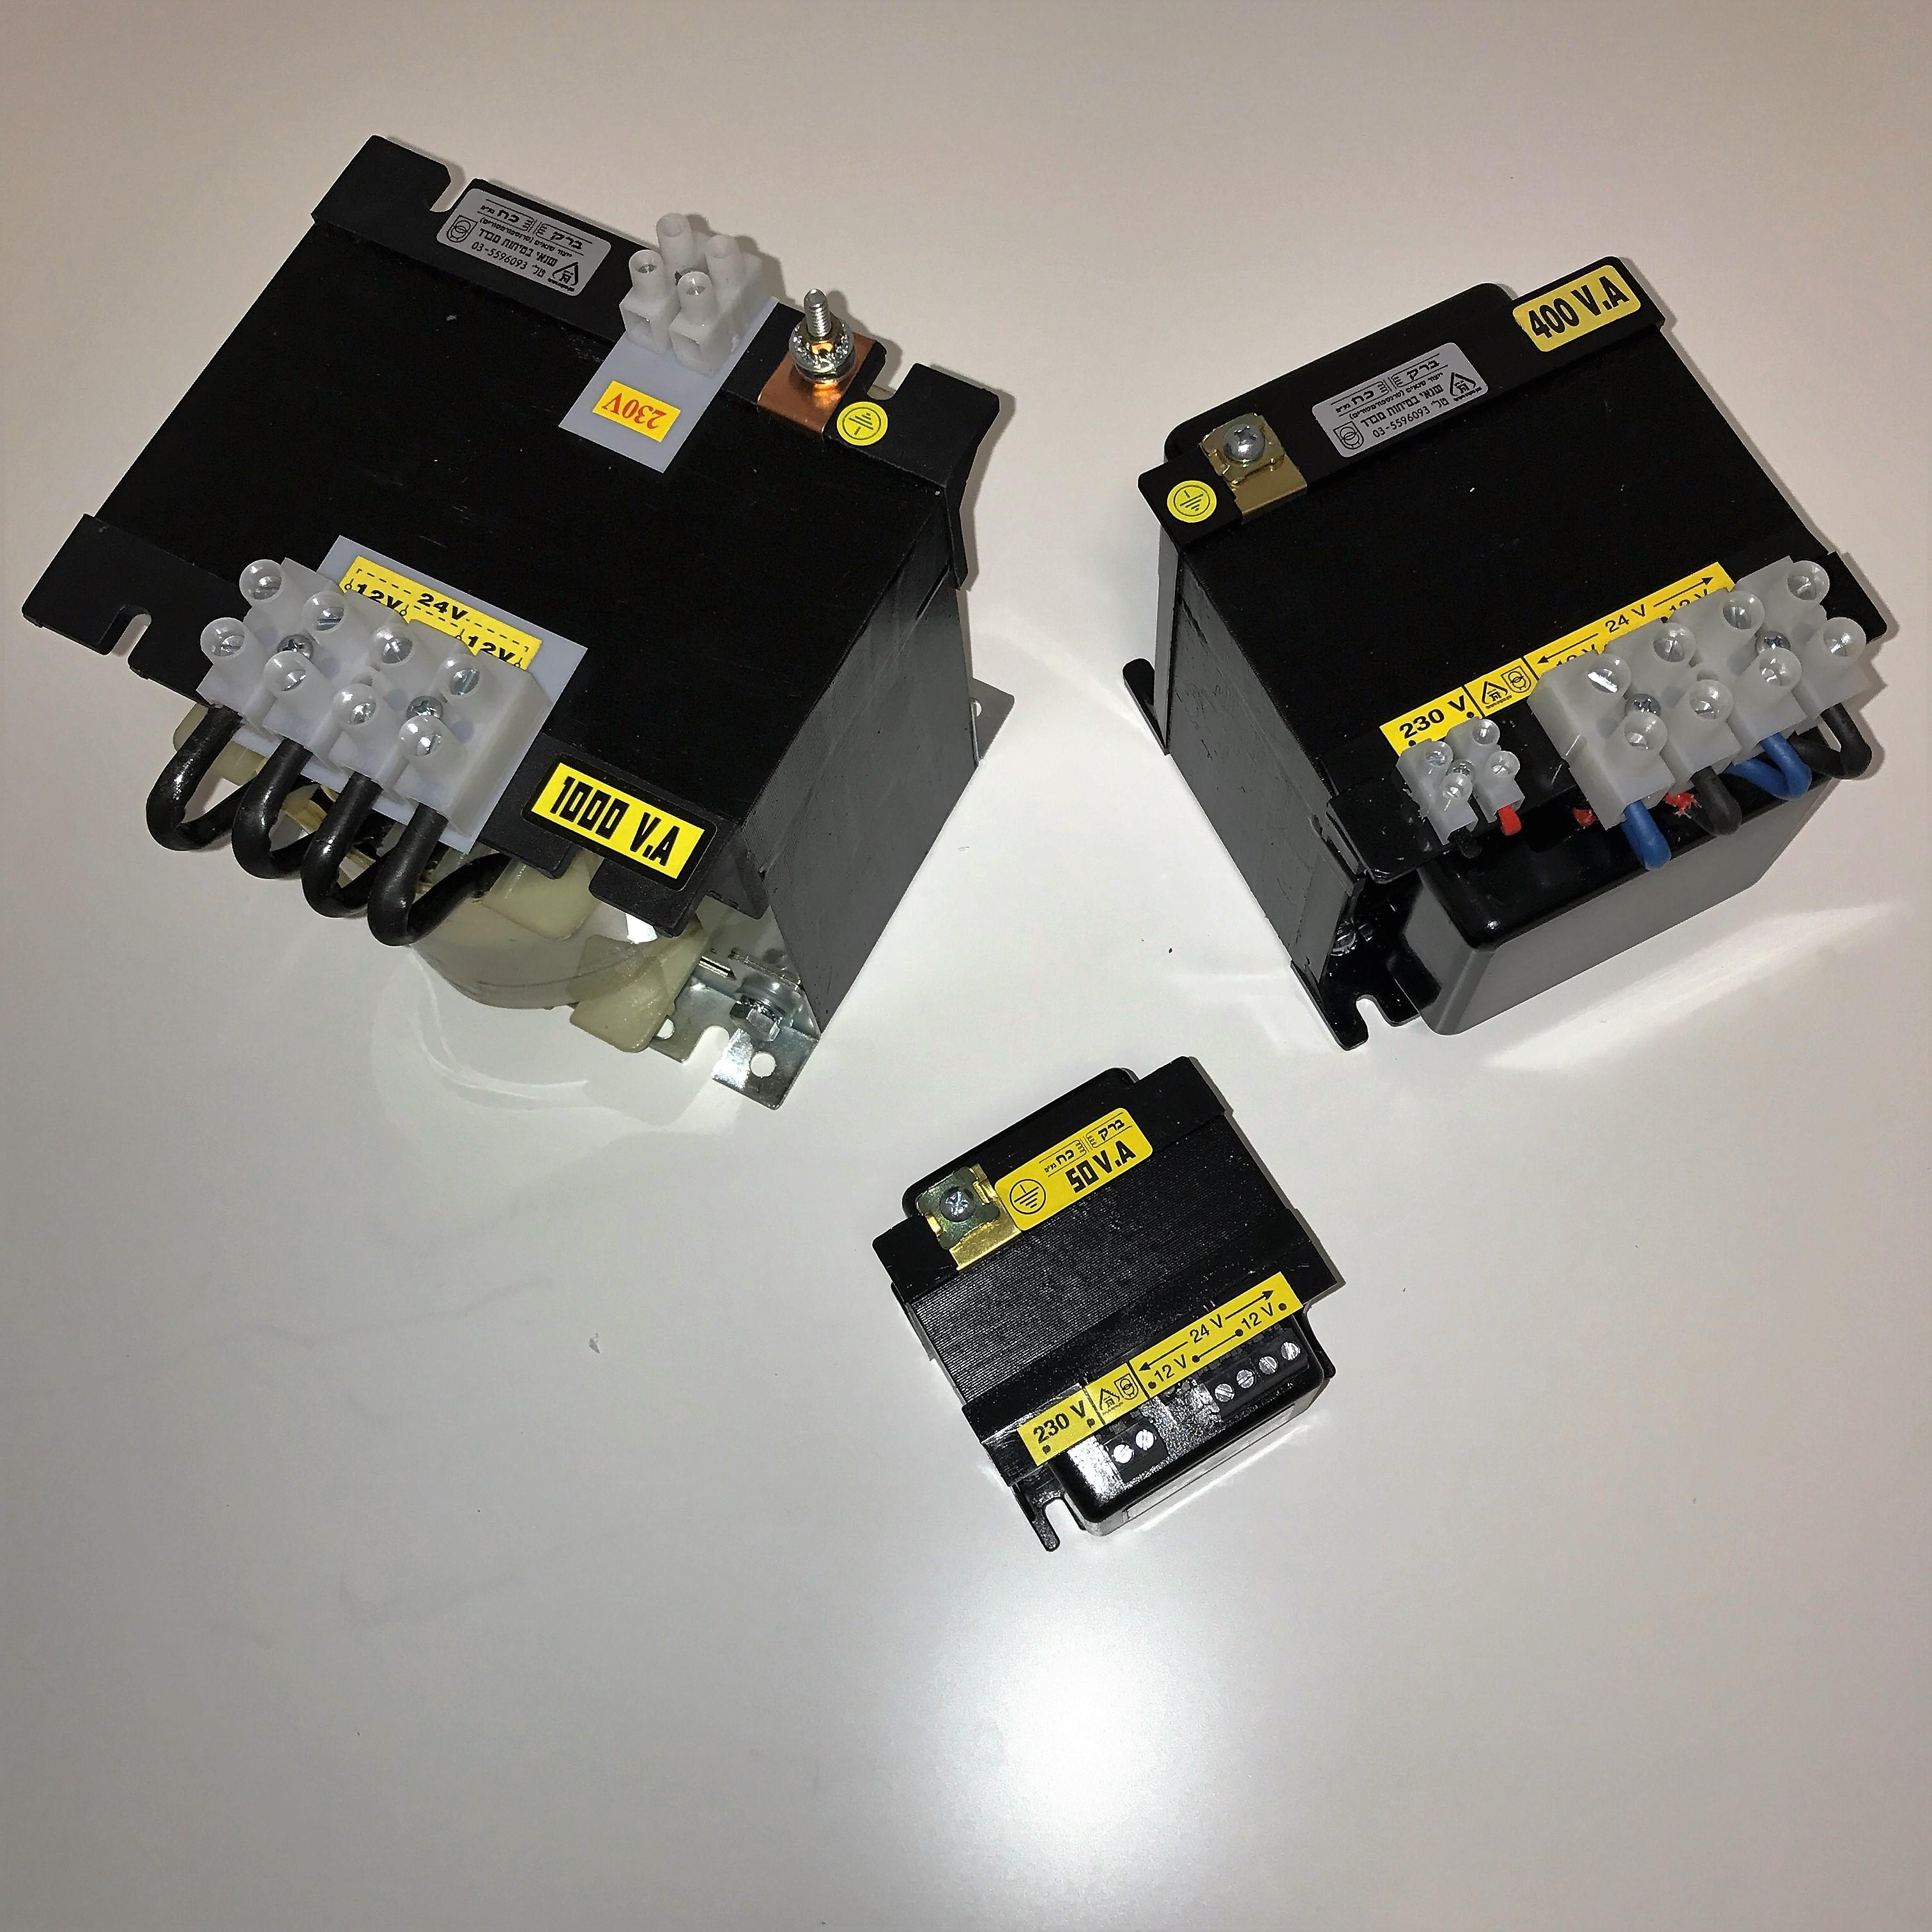 שנאי מבדל בהספק 2500VA במתחים 230V-24V